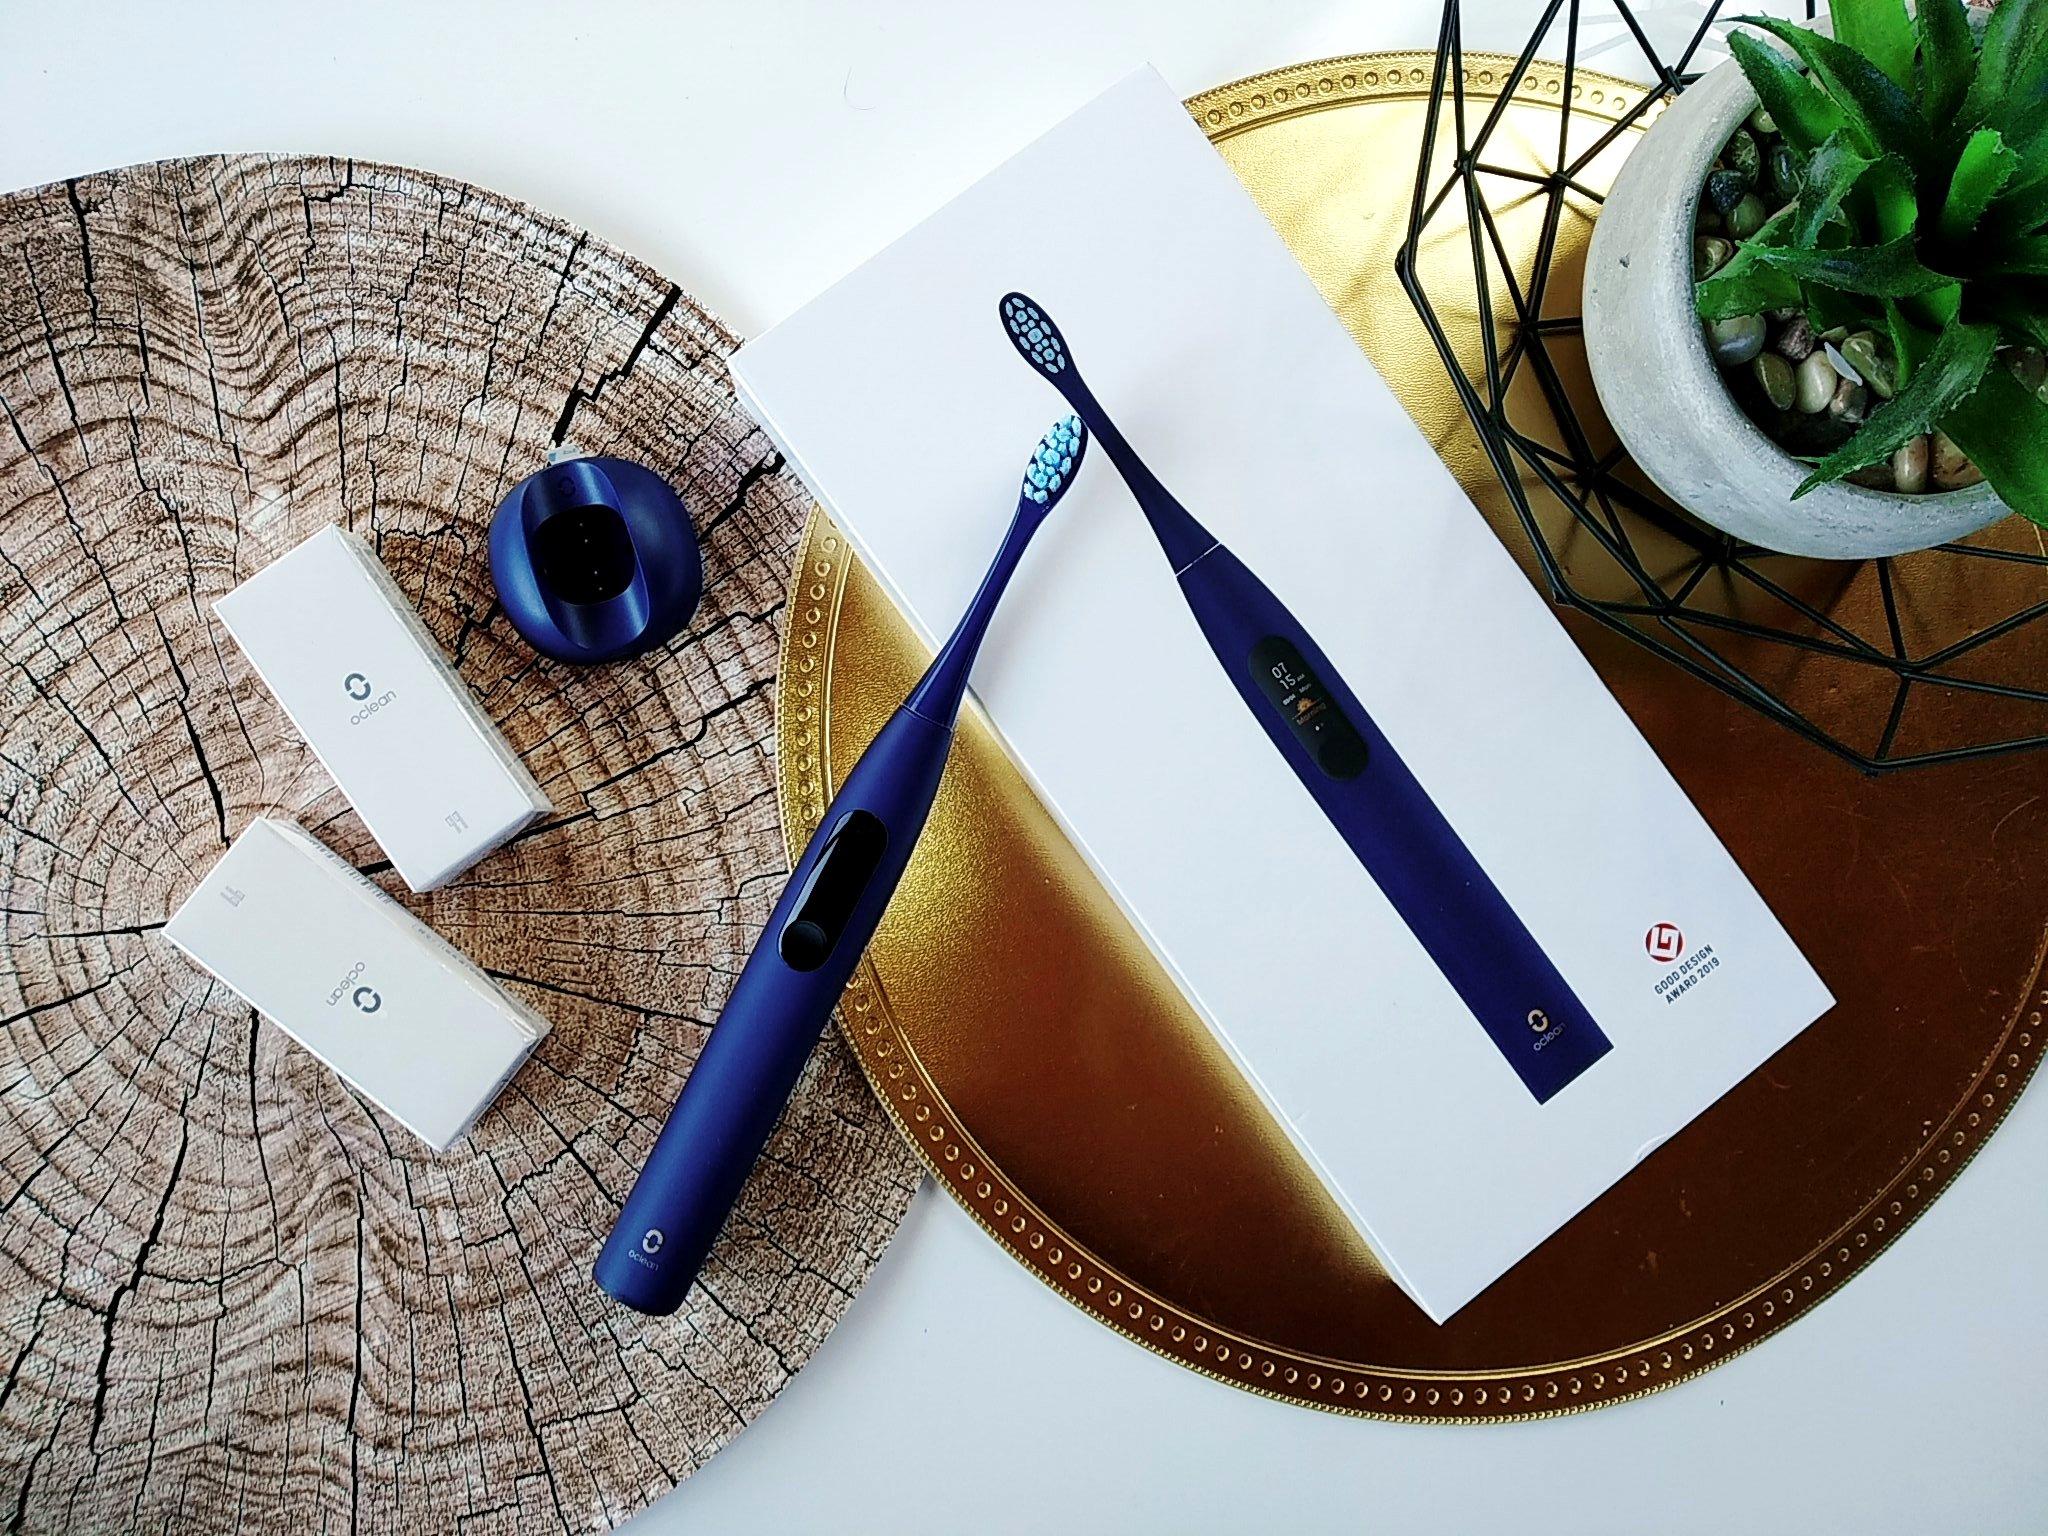 Xiaomi Oclean X - designerska szczoteczka soniczna na miarę XXI wieku!